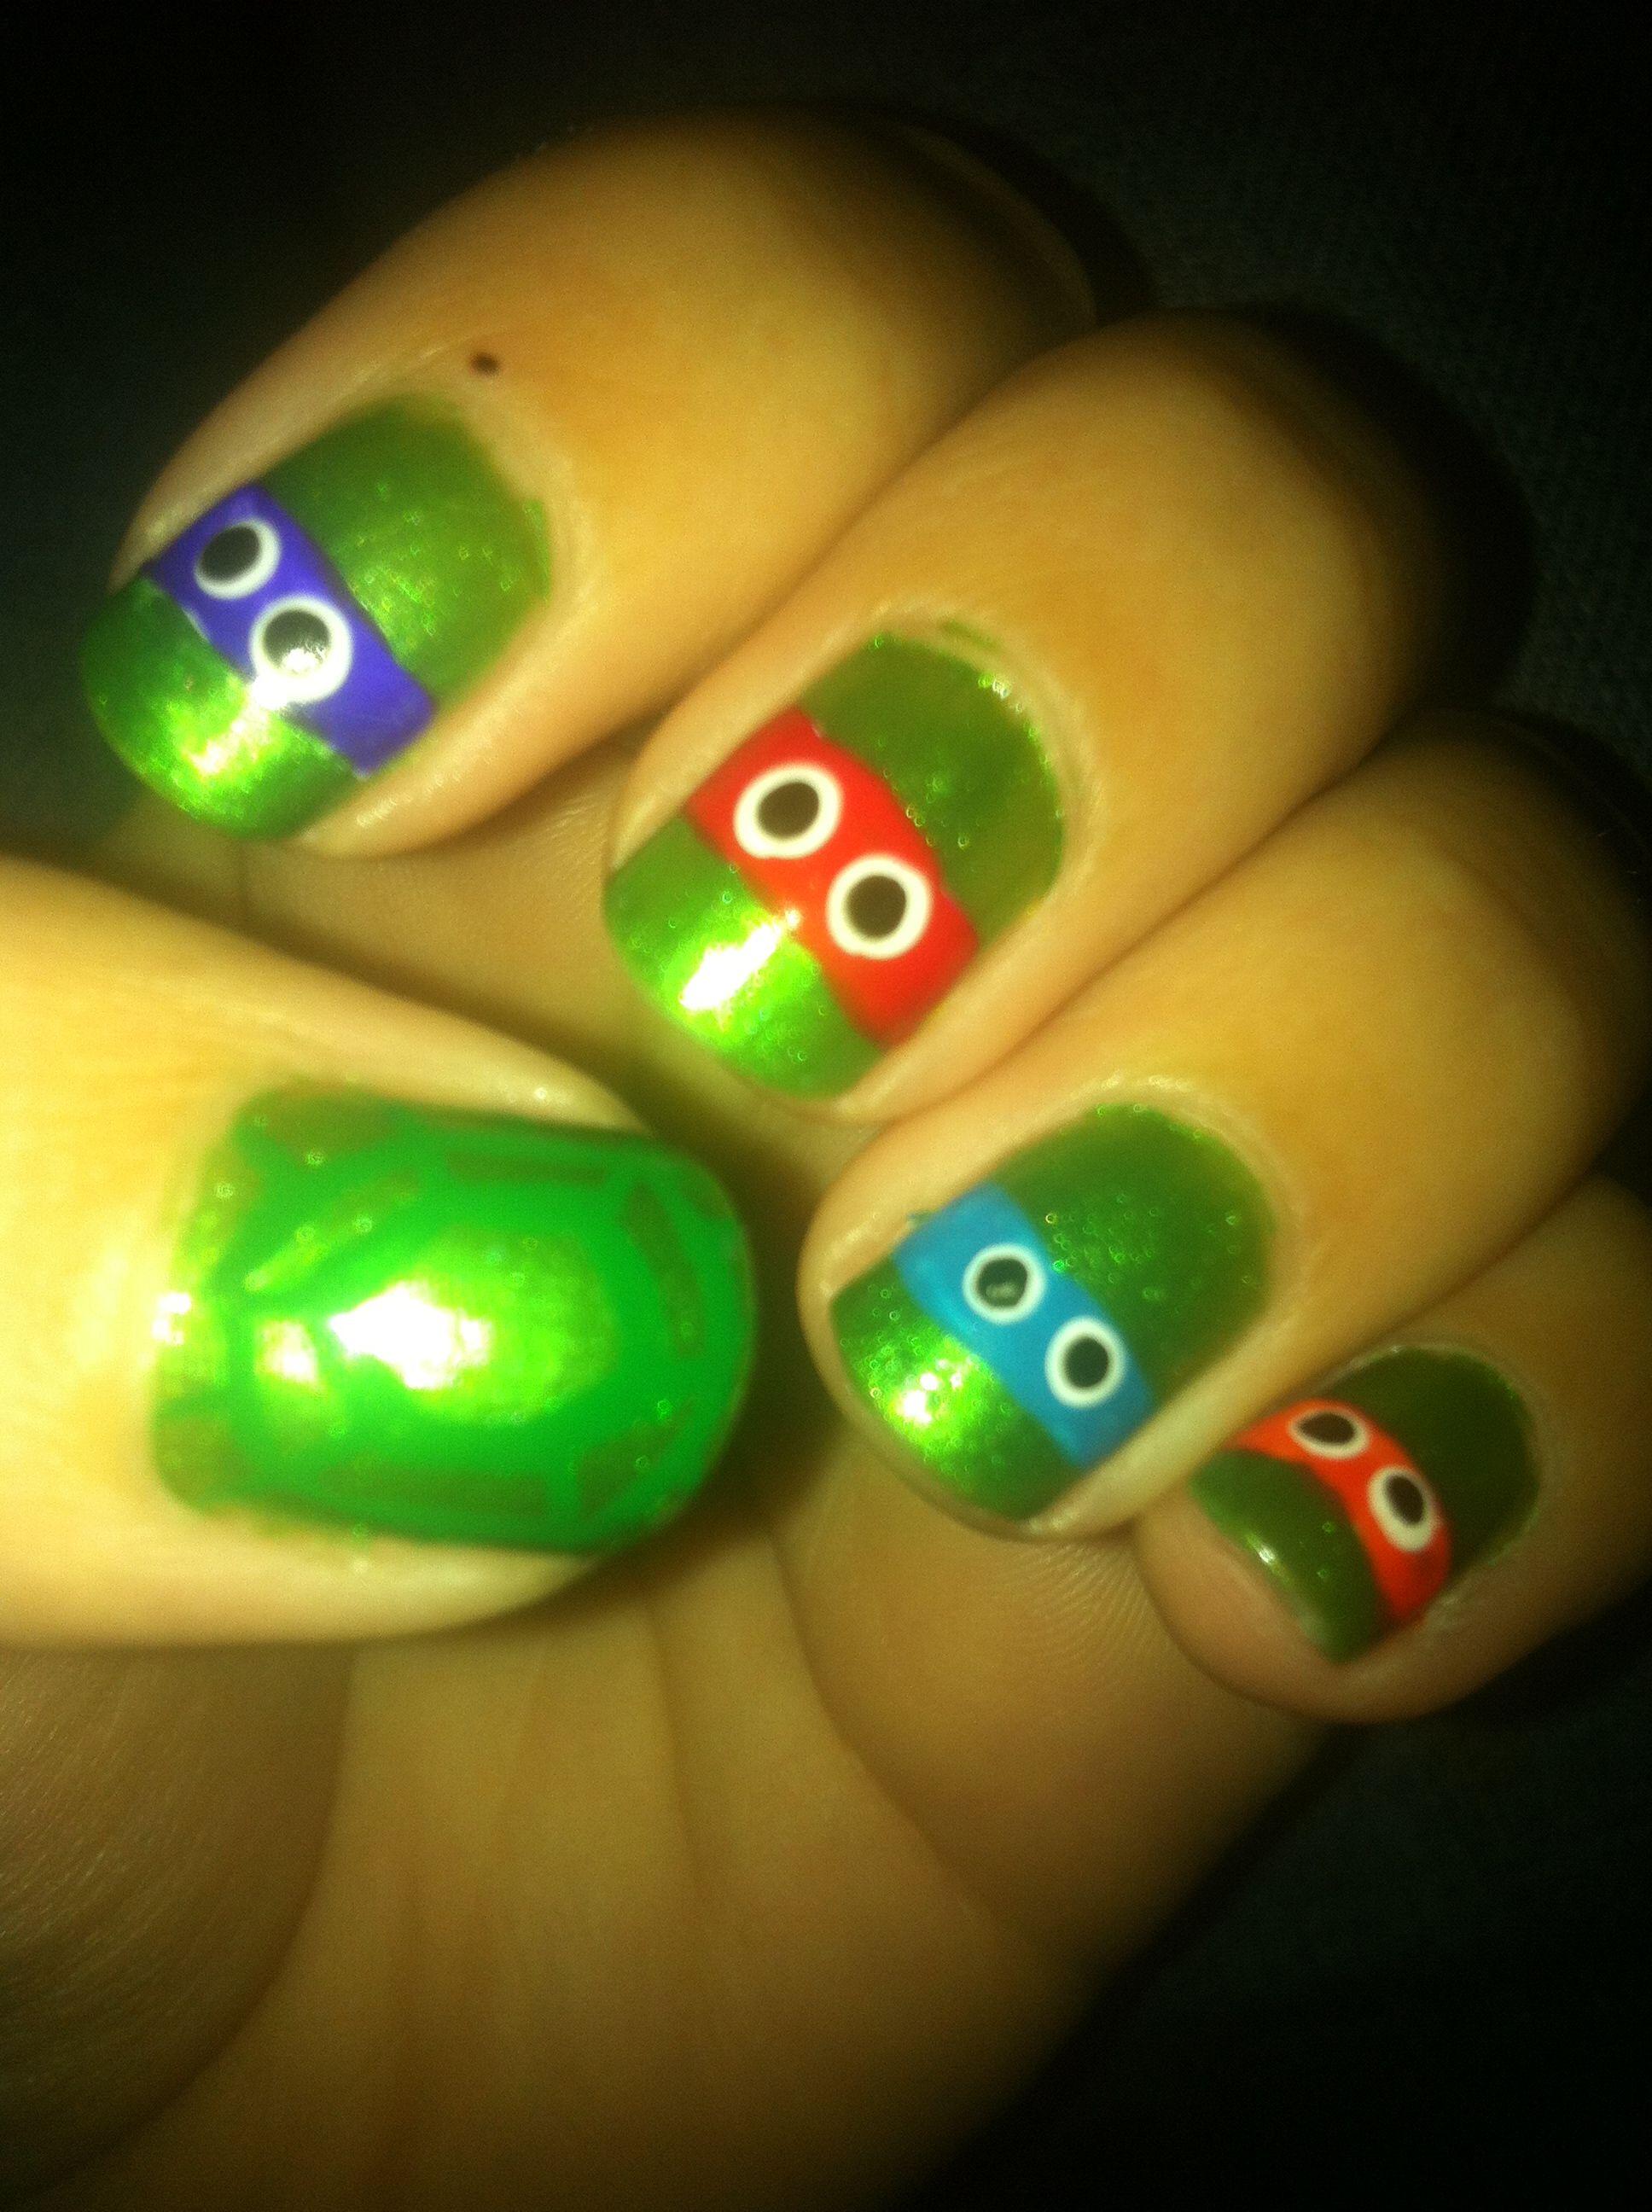 Teenage mutant ninja turtle nails   Halloween   Pinterest